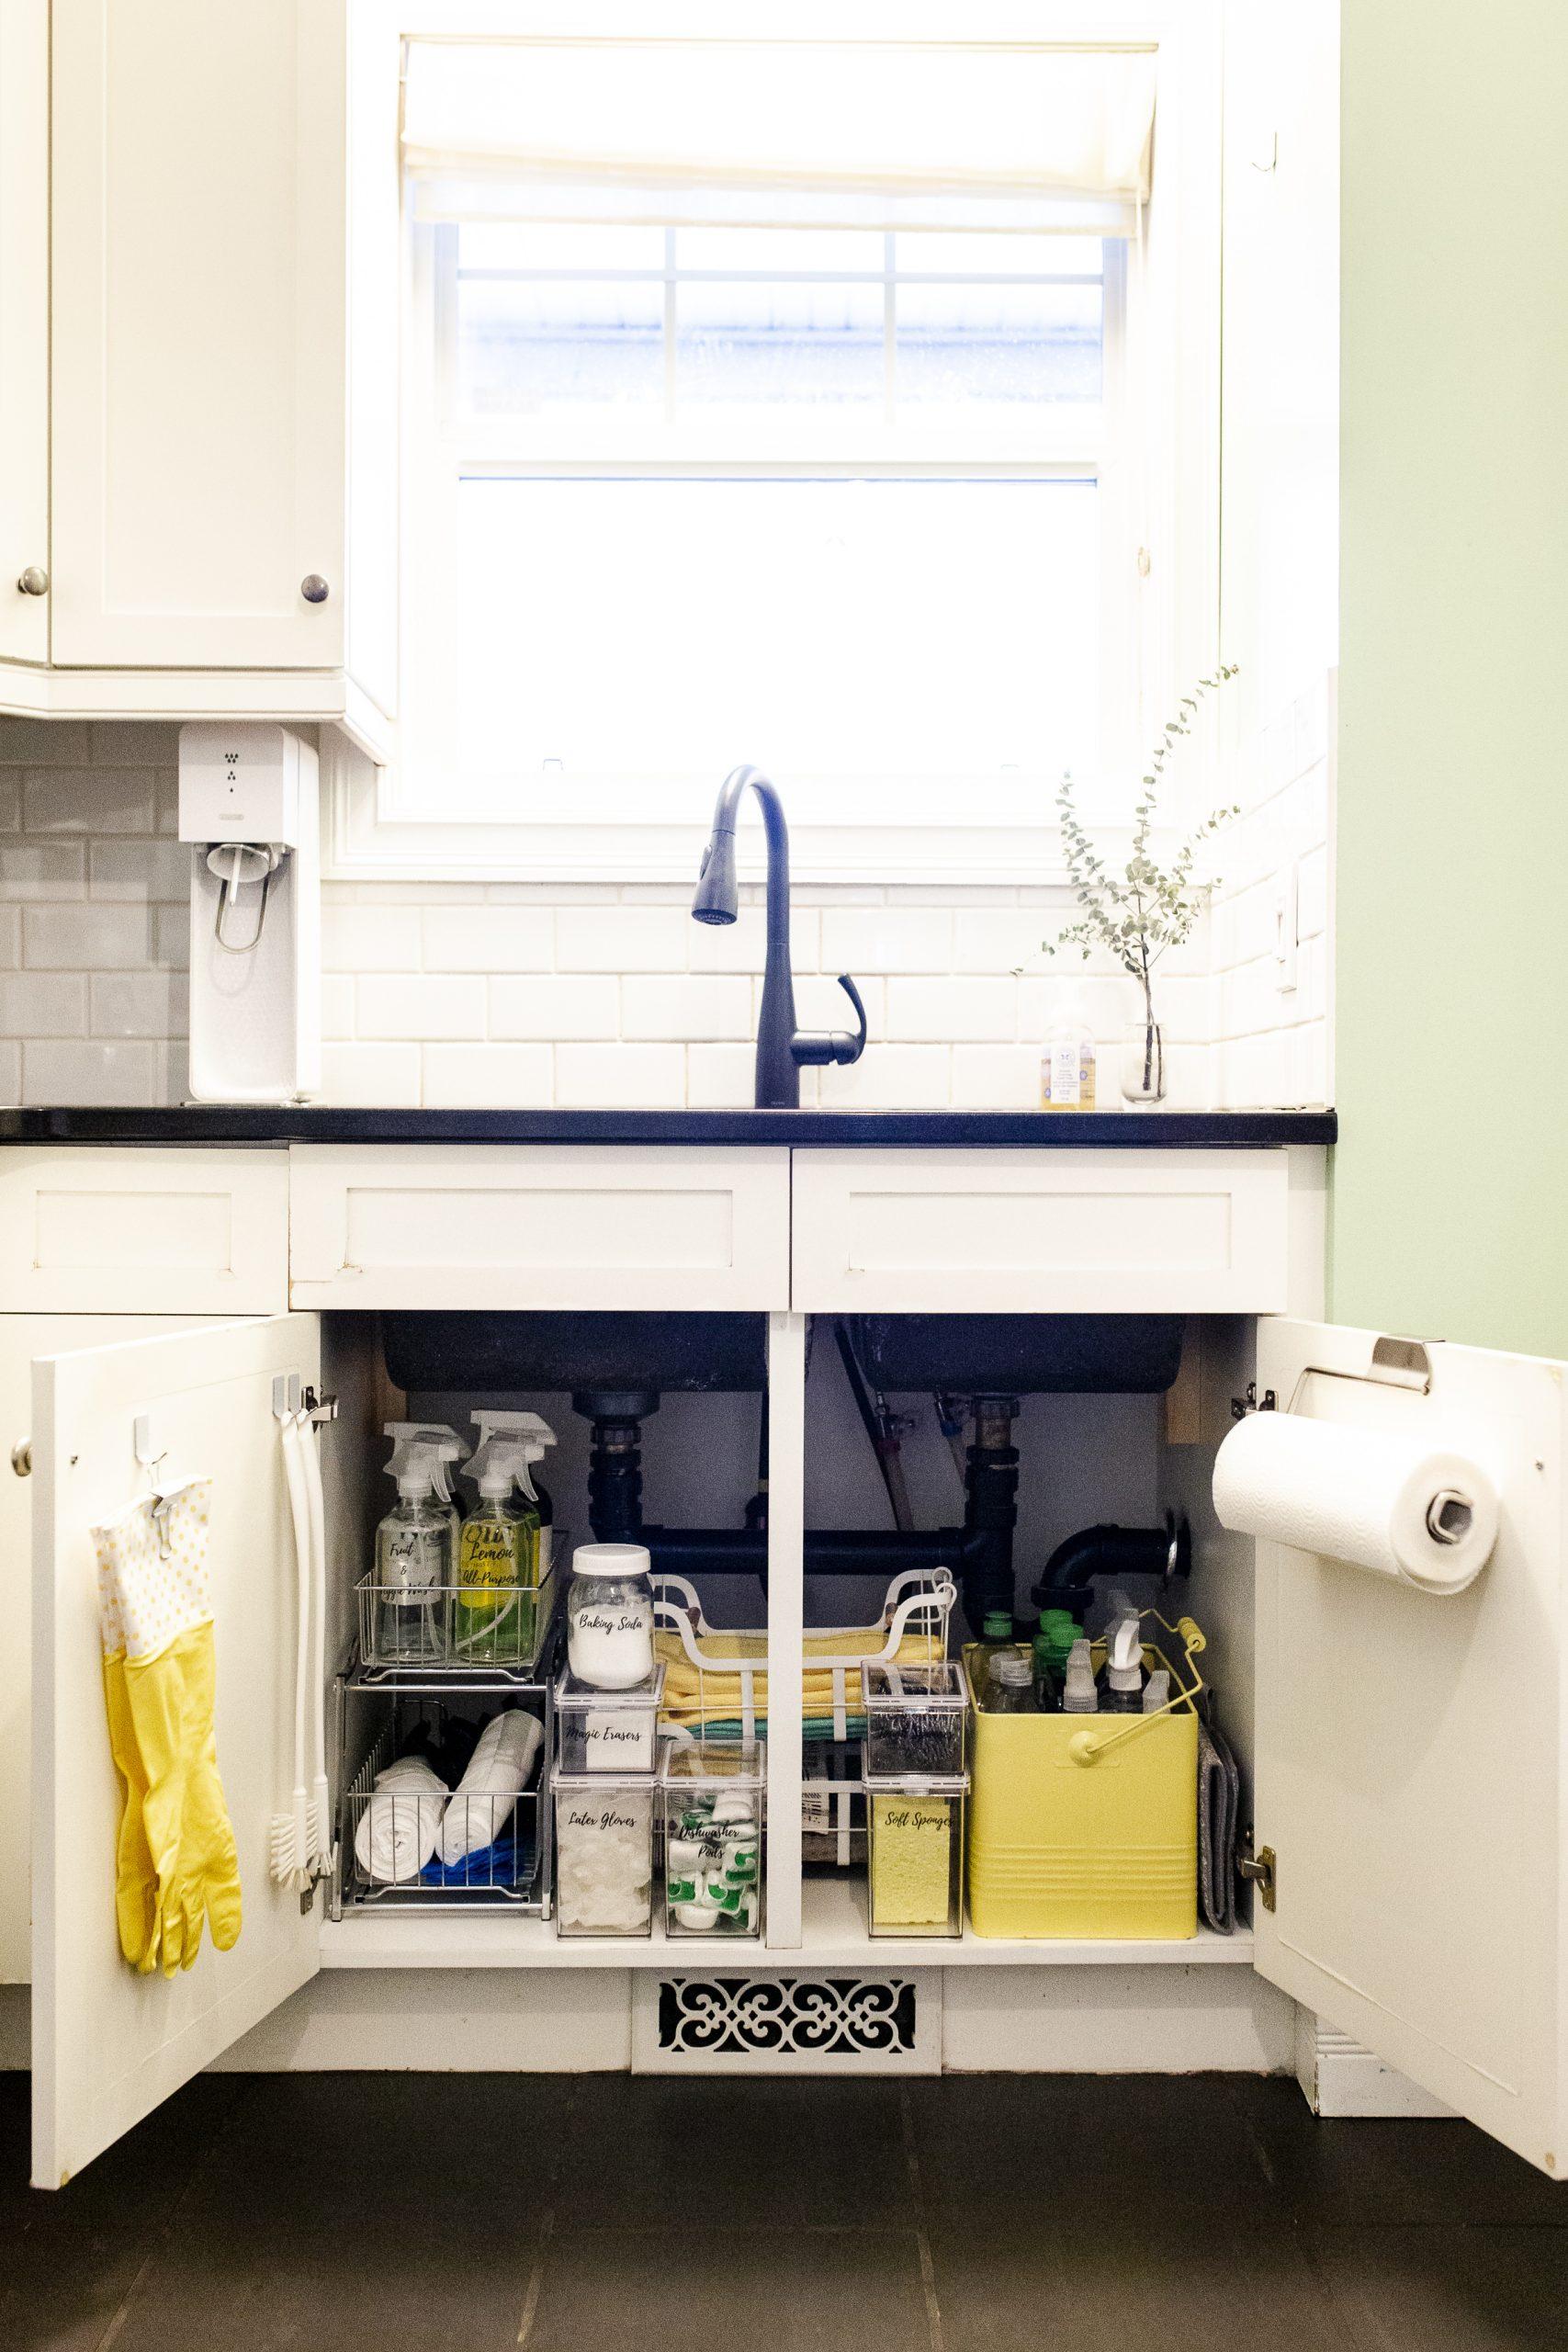 How To Organize Under Your Kitchen Sink-1